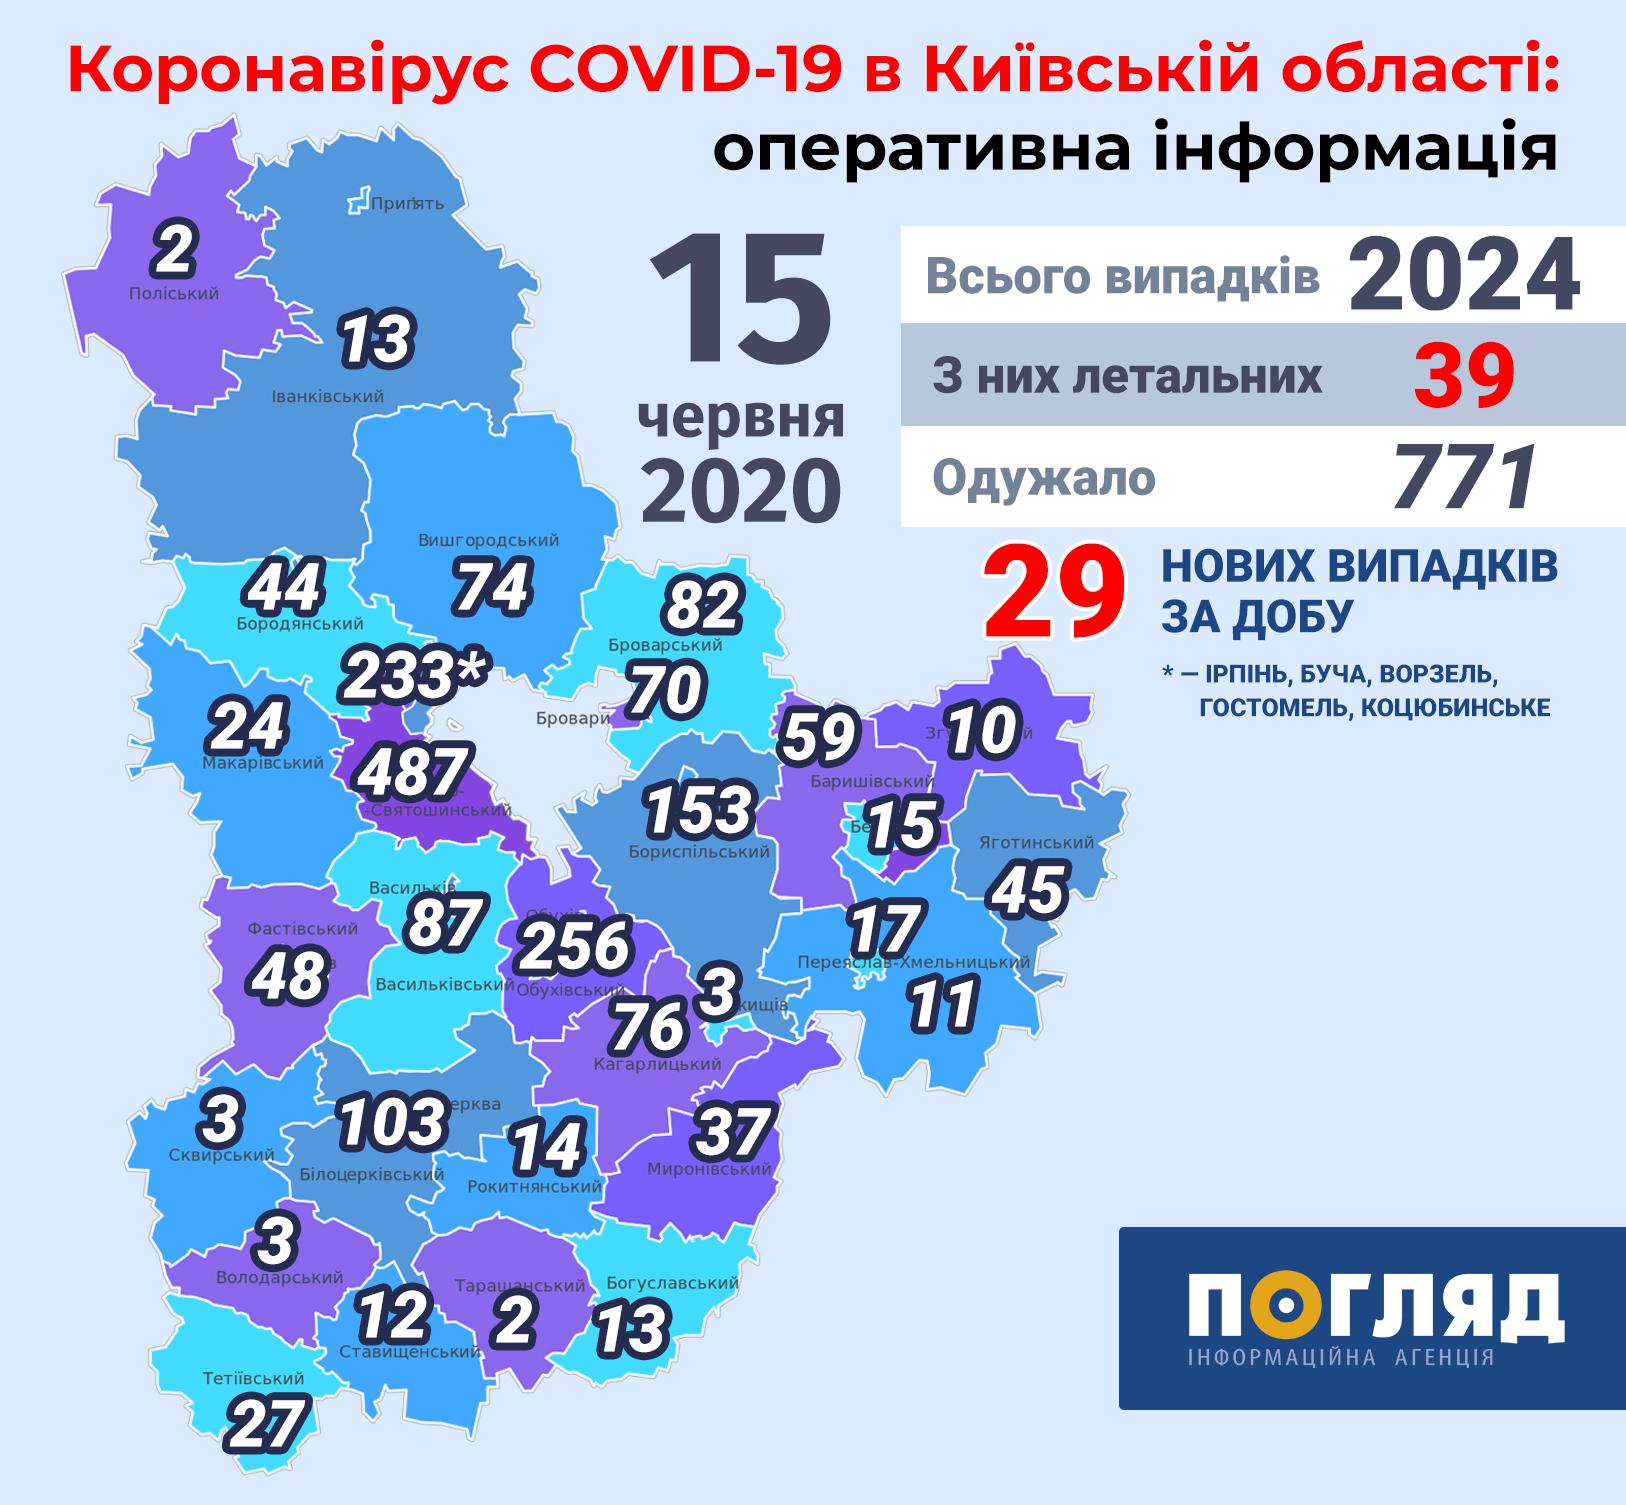 Кількість хворих коронавірусом на Київщині перевалила за 2 тис -  - Kyiv regions covid19 new 3 1